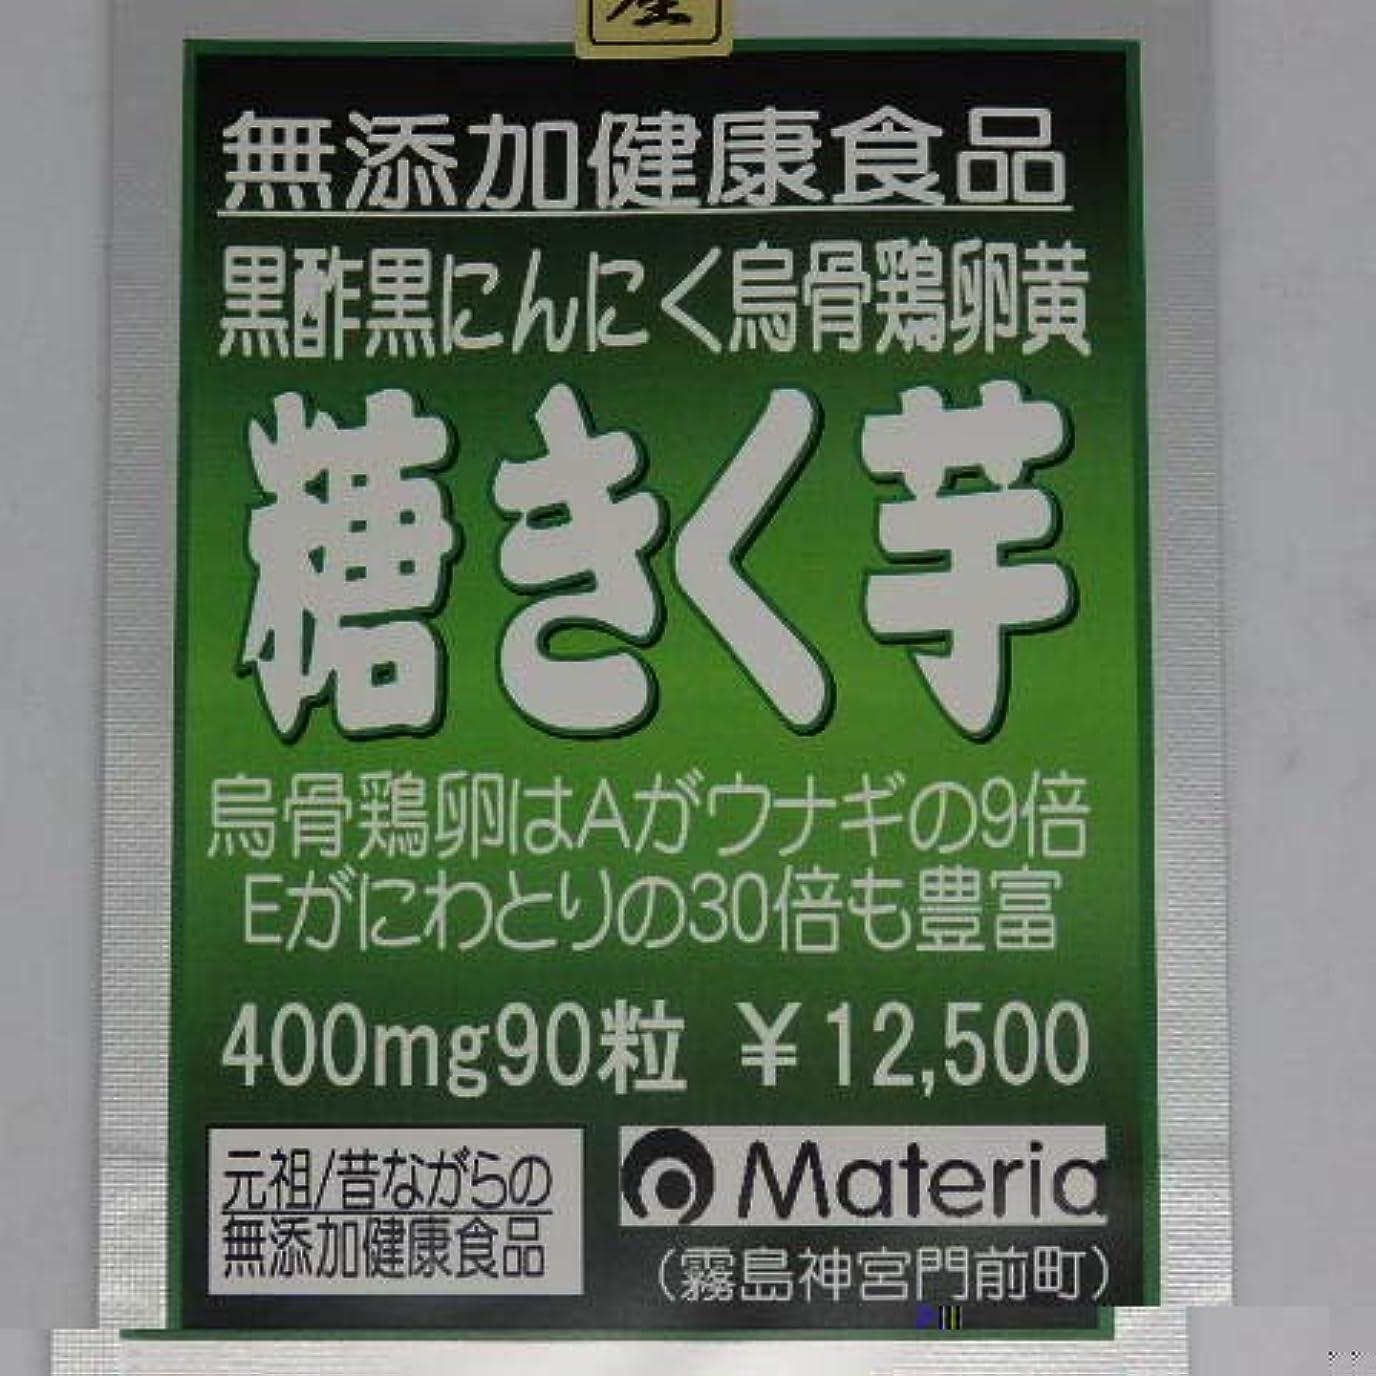 レンドマングル殉教者無添加健康食品/黒酢黒にんにく烏骨鶏卵黄/菊芋糖系 (90粒)90日分¥12,500